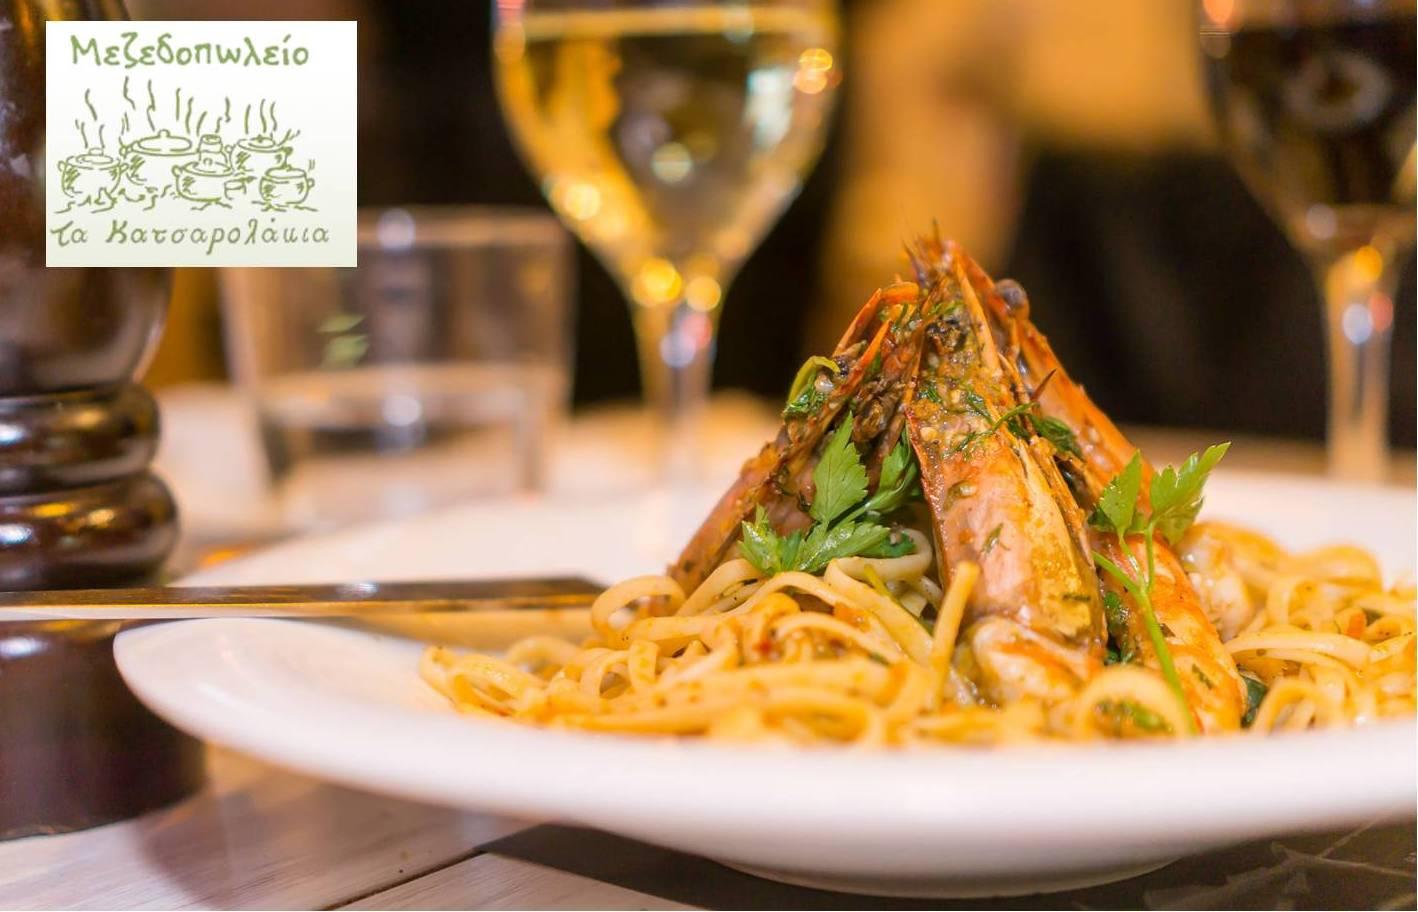 19,9€ από 51€ για υπερπλήρες menu 2 ατόμων στο πασίγνωστο μεζεδοπωλείο ''Τα Κατσαρολάκια'' στο Πασαλιμάνι, το καταφύγιο ποιοτικής Ελληνικής κουζίνας